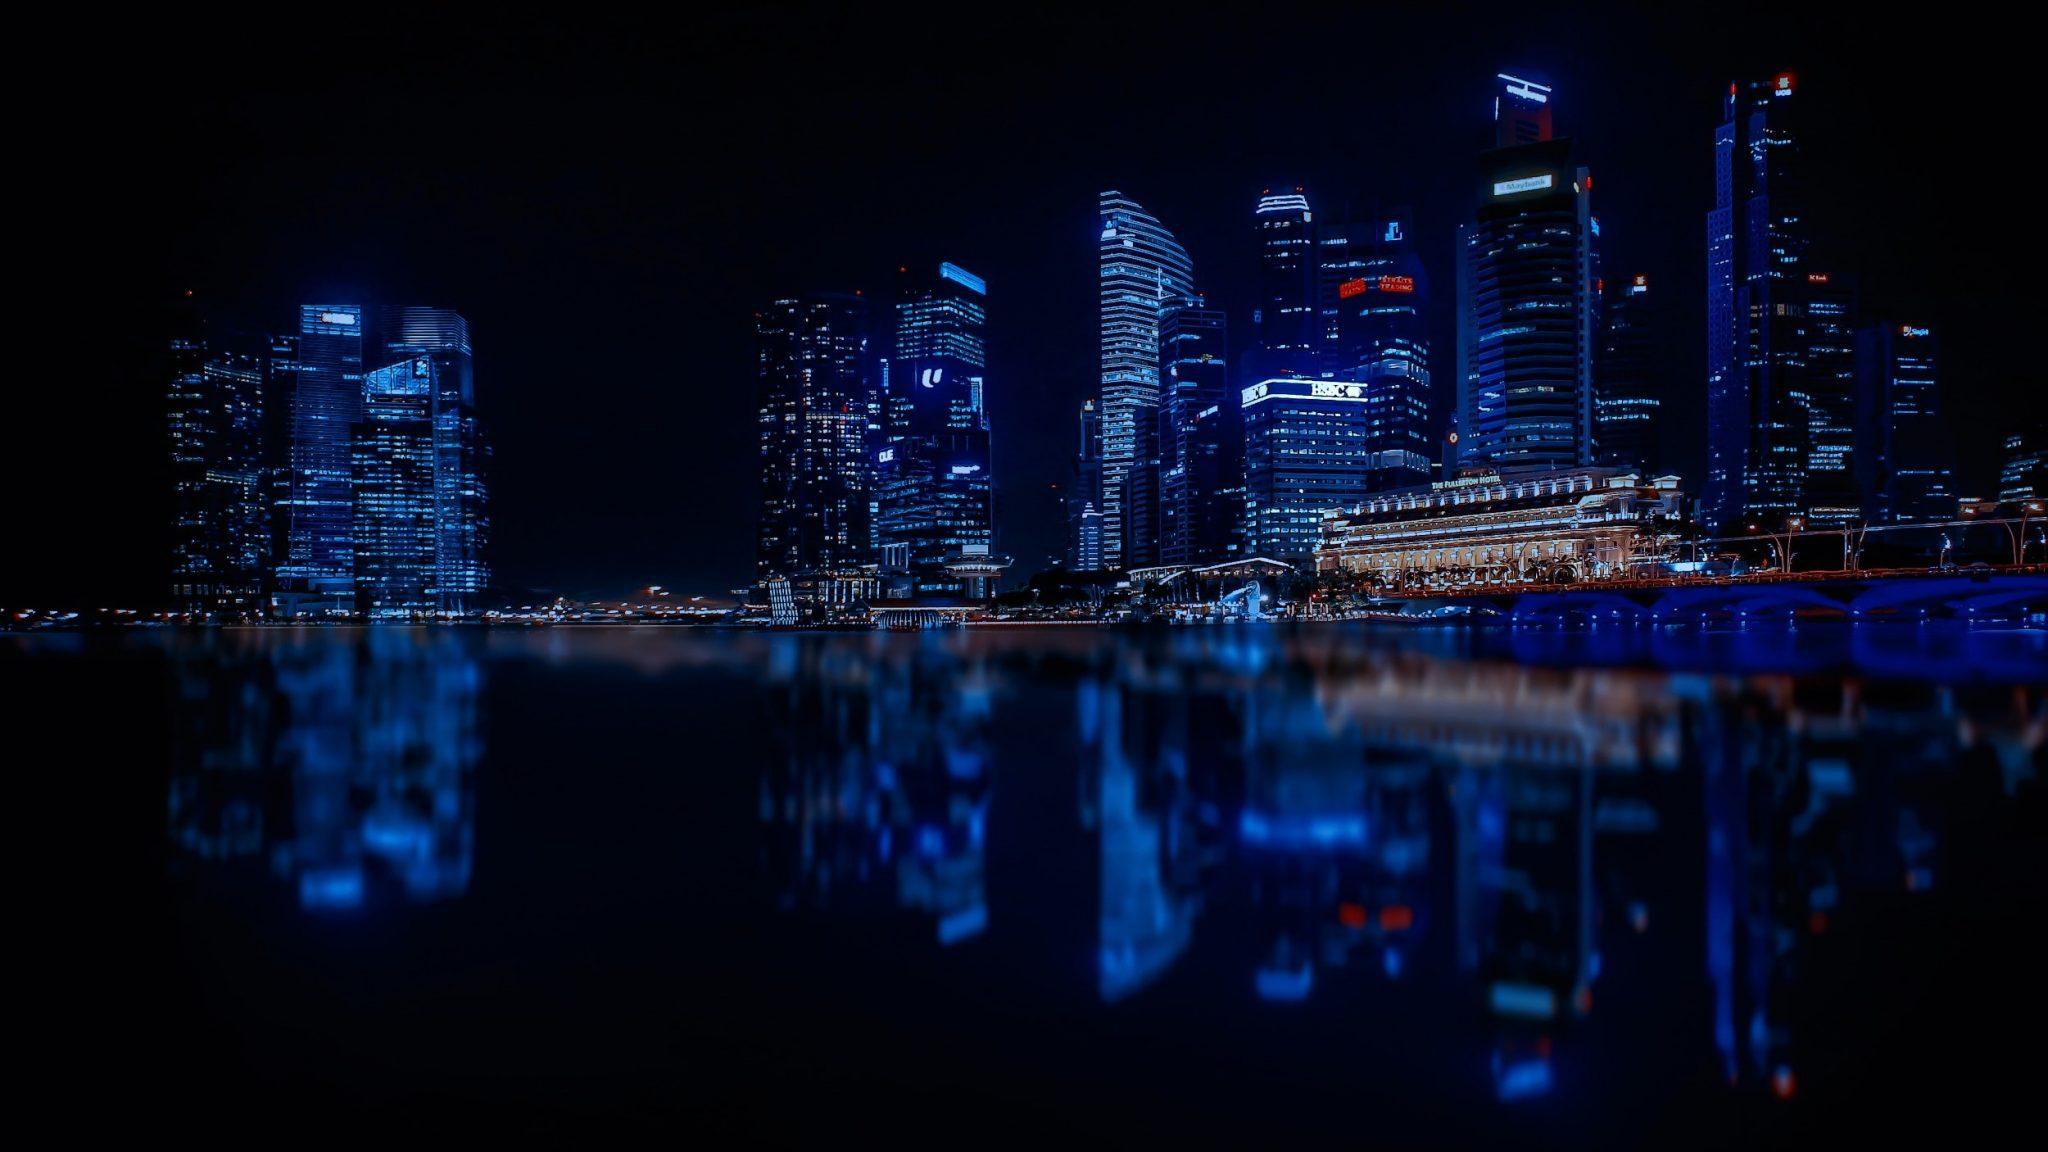 небоскребы город отражение ночь скачать